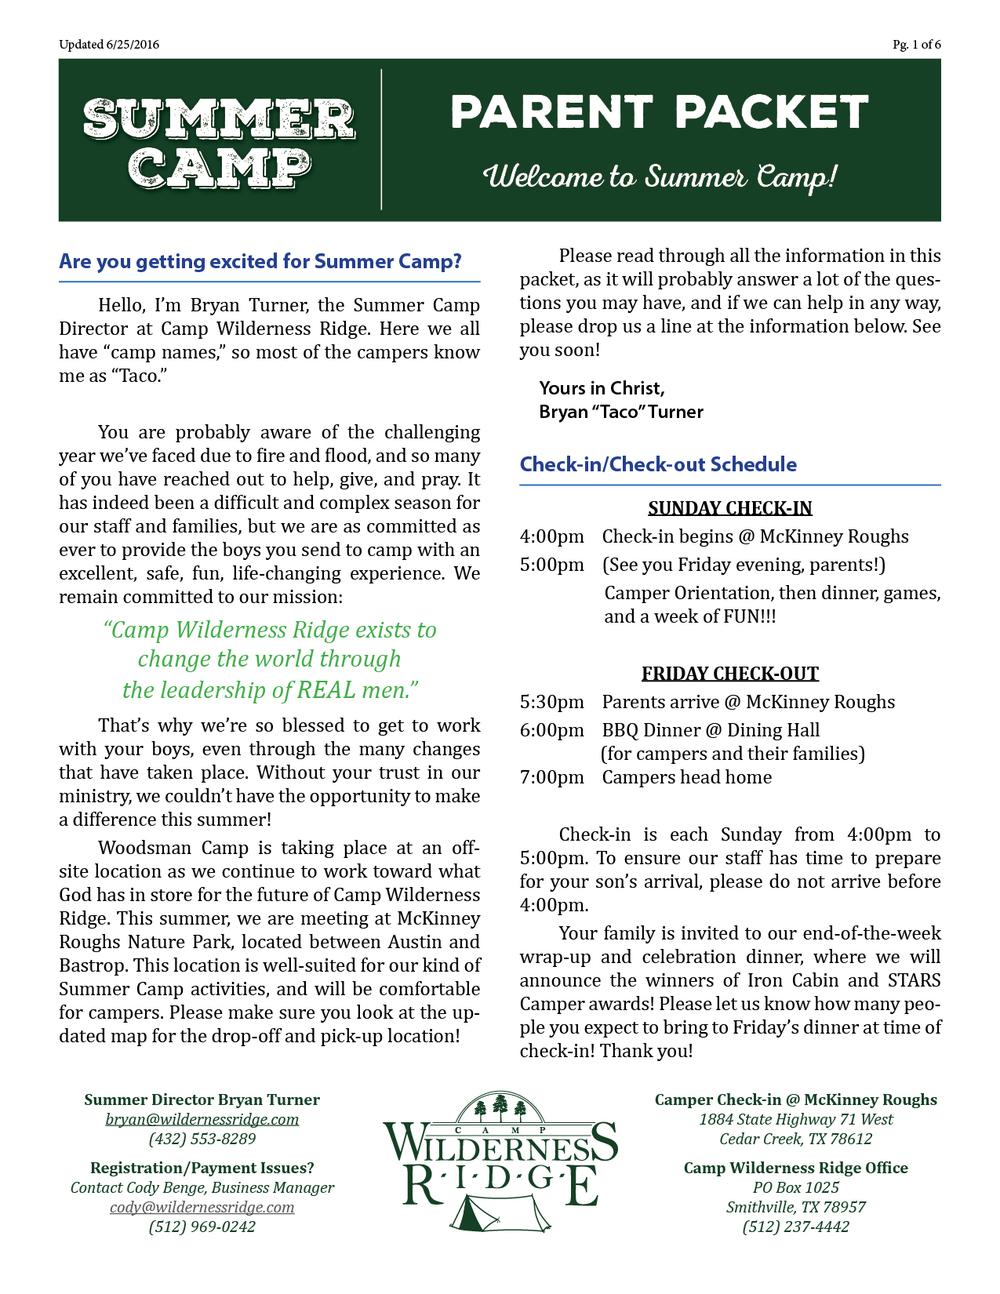 2016 Summer Camp - Parent Packet.jpg